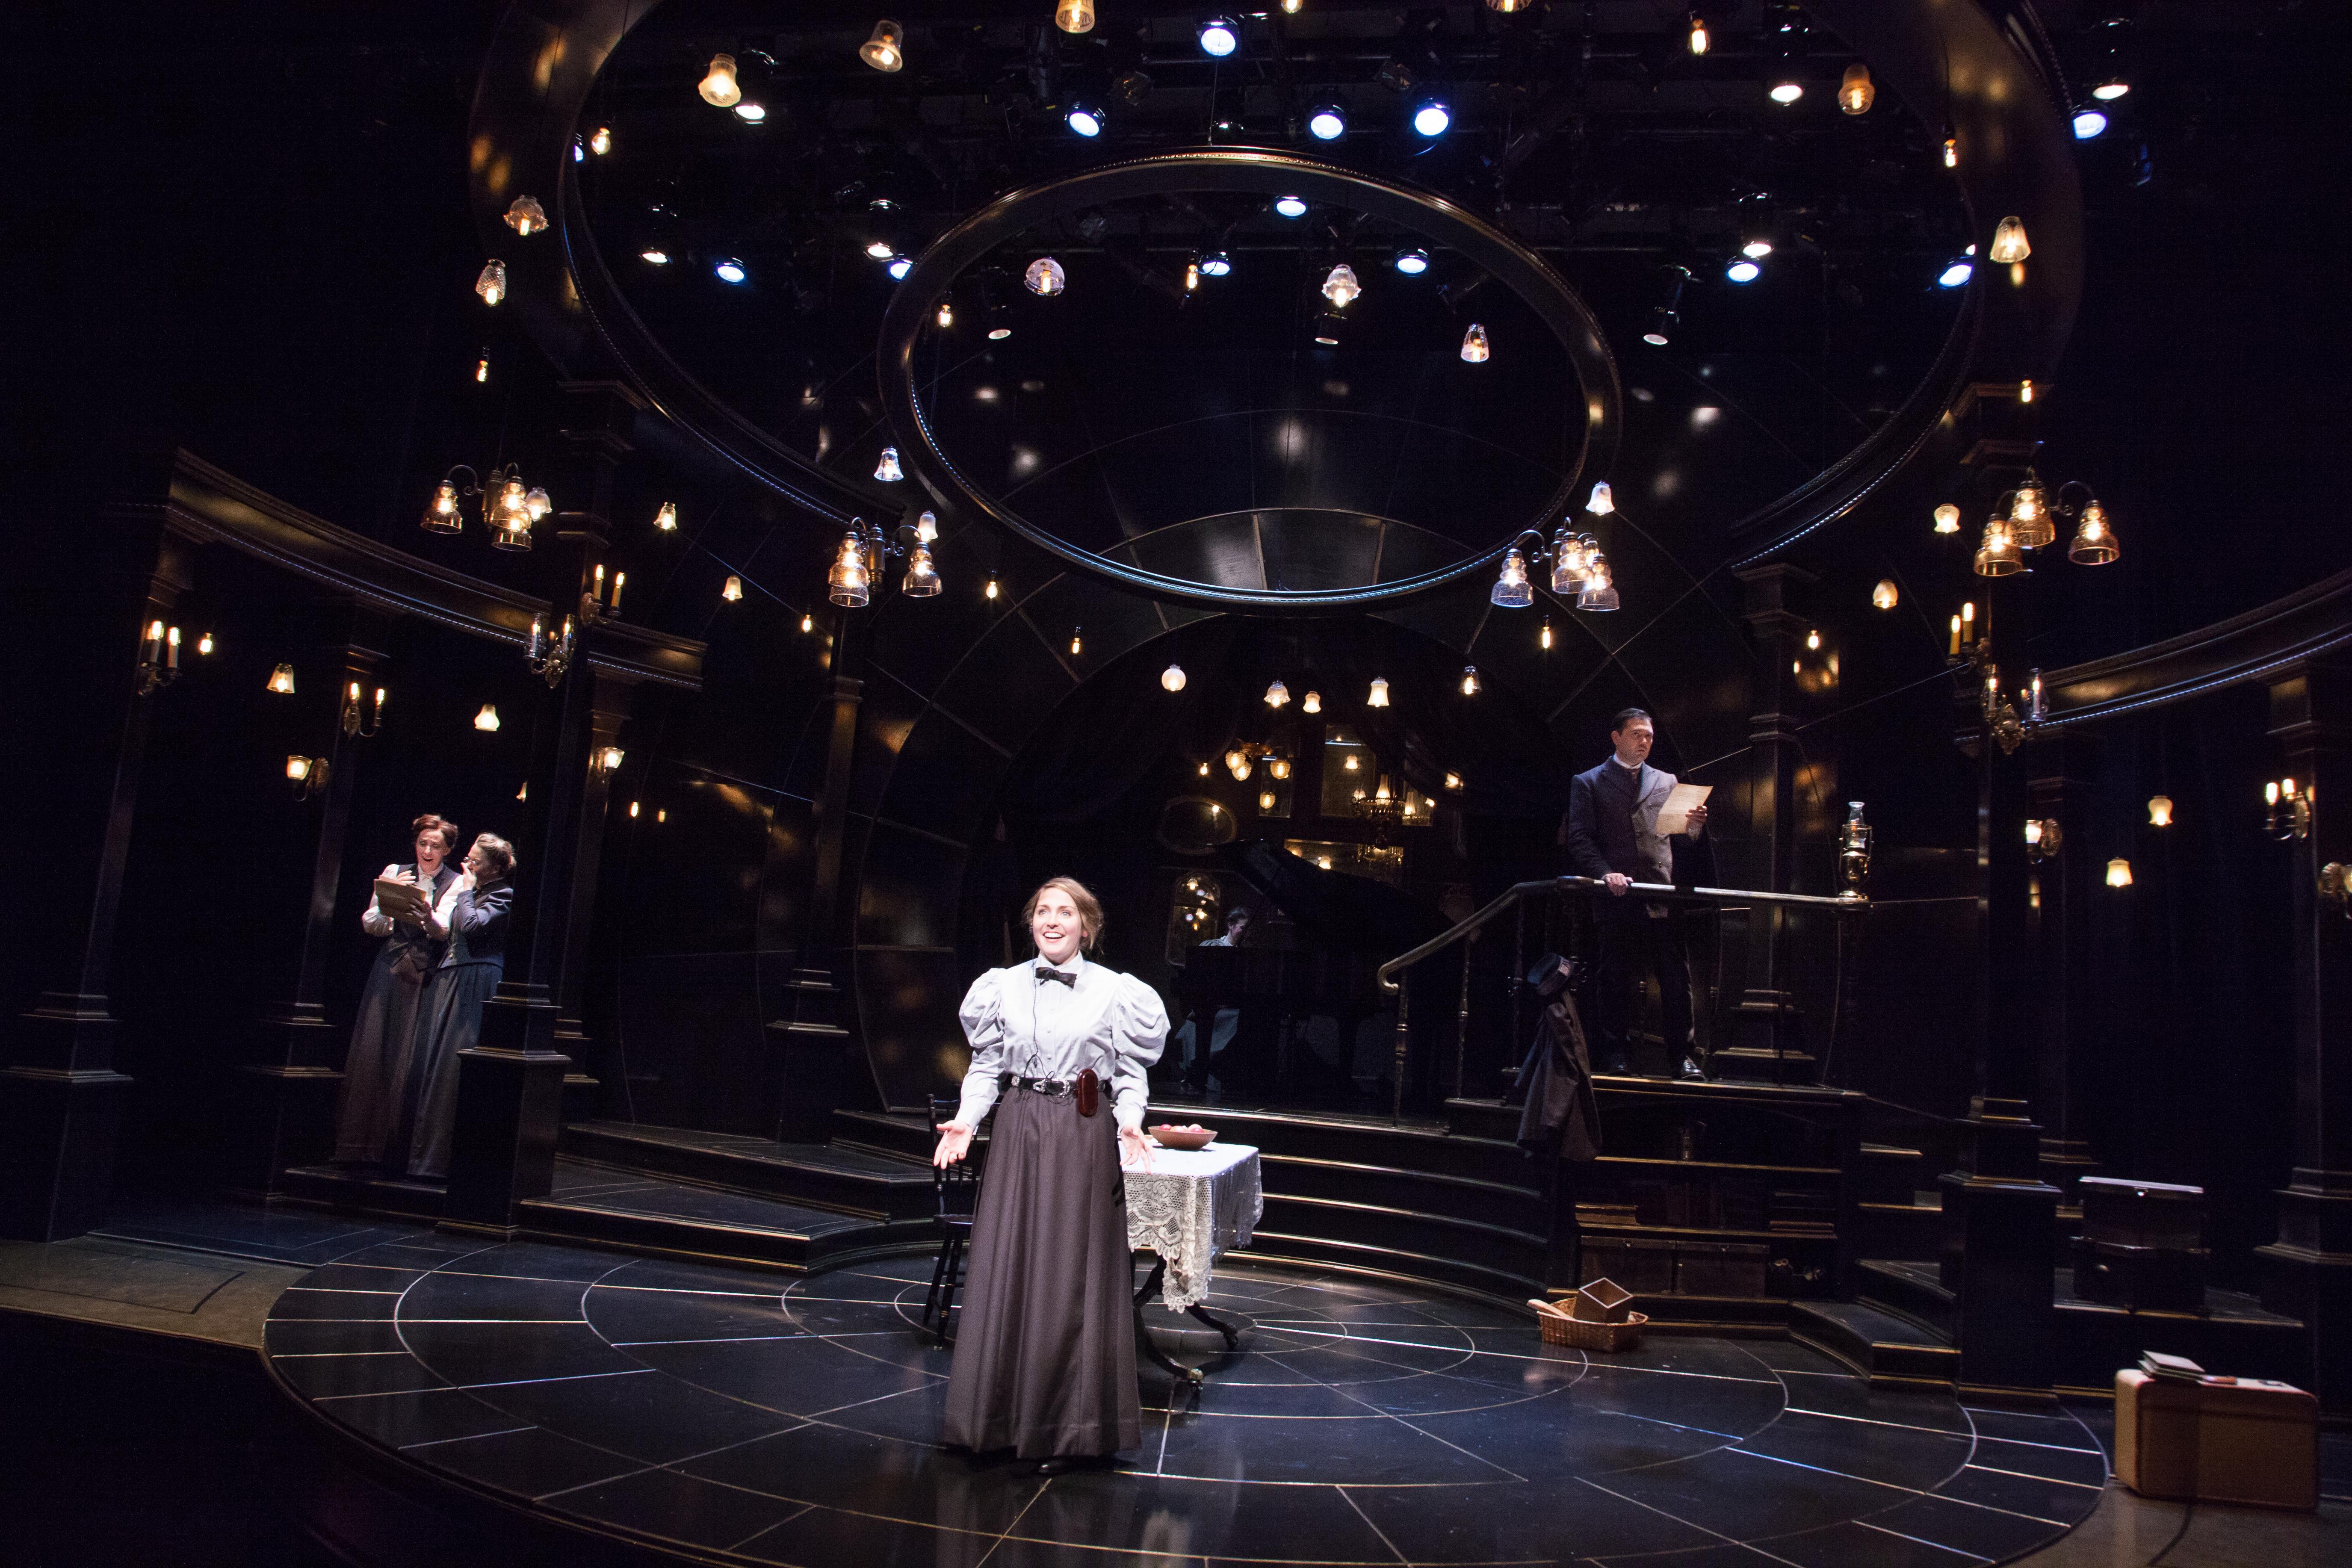 Biola Theatre 21 presents Silent Sky | Discover La Mirada